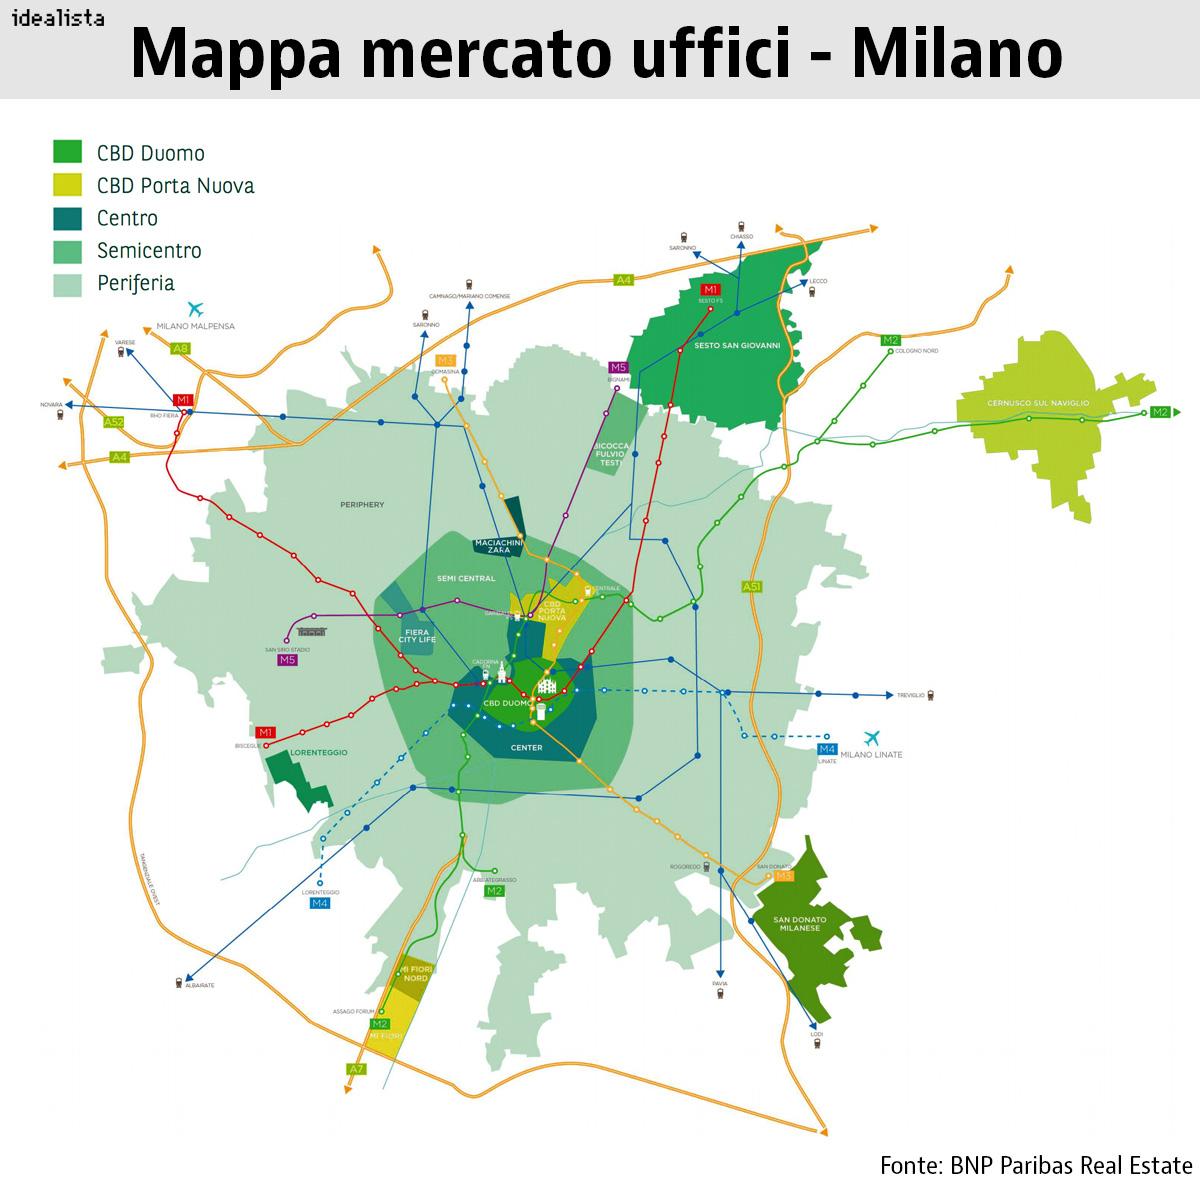 mercato uffici milano